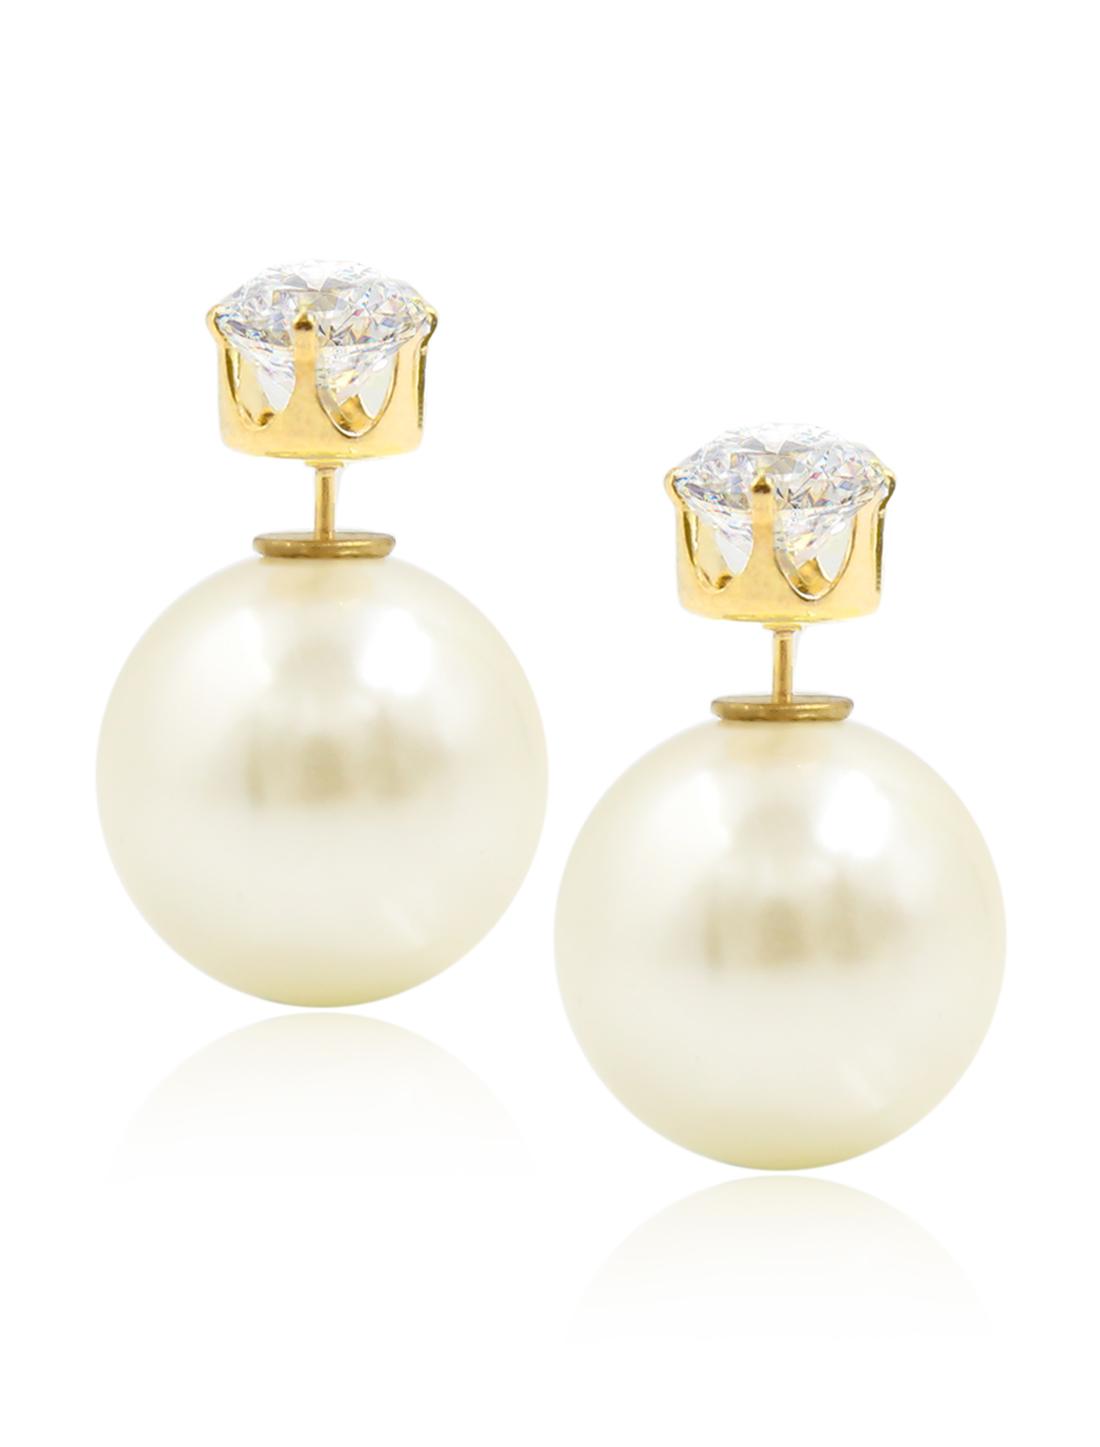 Fashion Women Elegant Double Sides Zircon Ball Earrings Ear Stud 1 Pair Beige